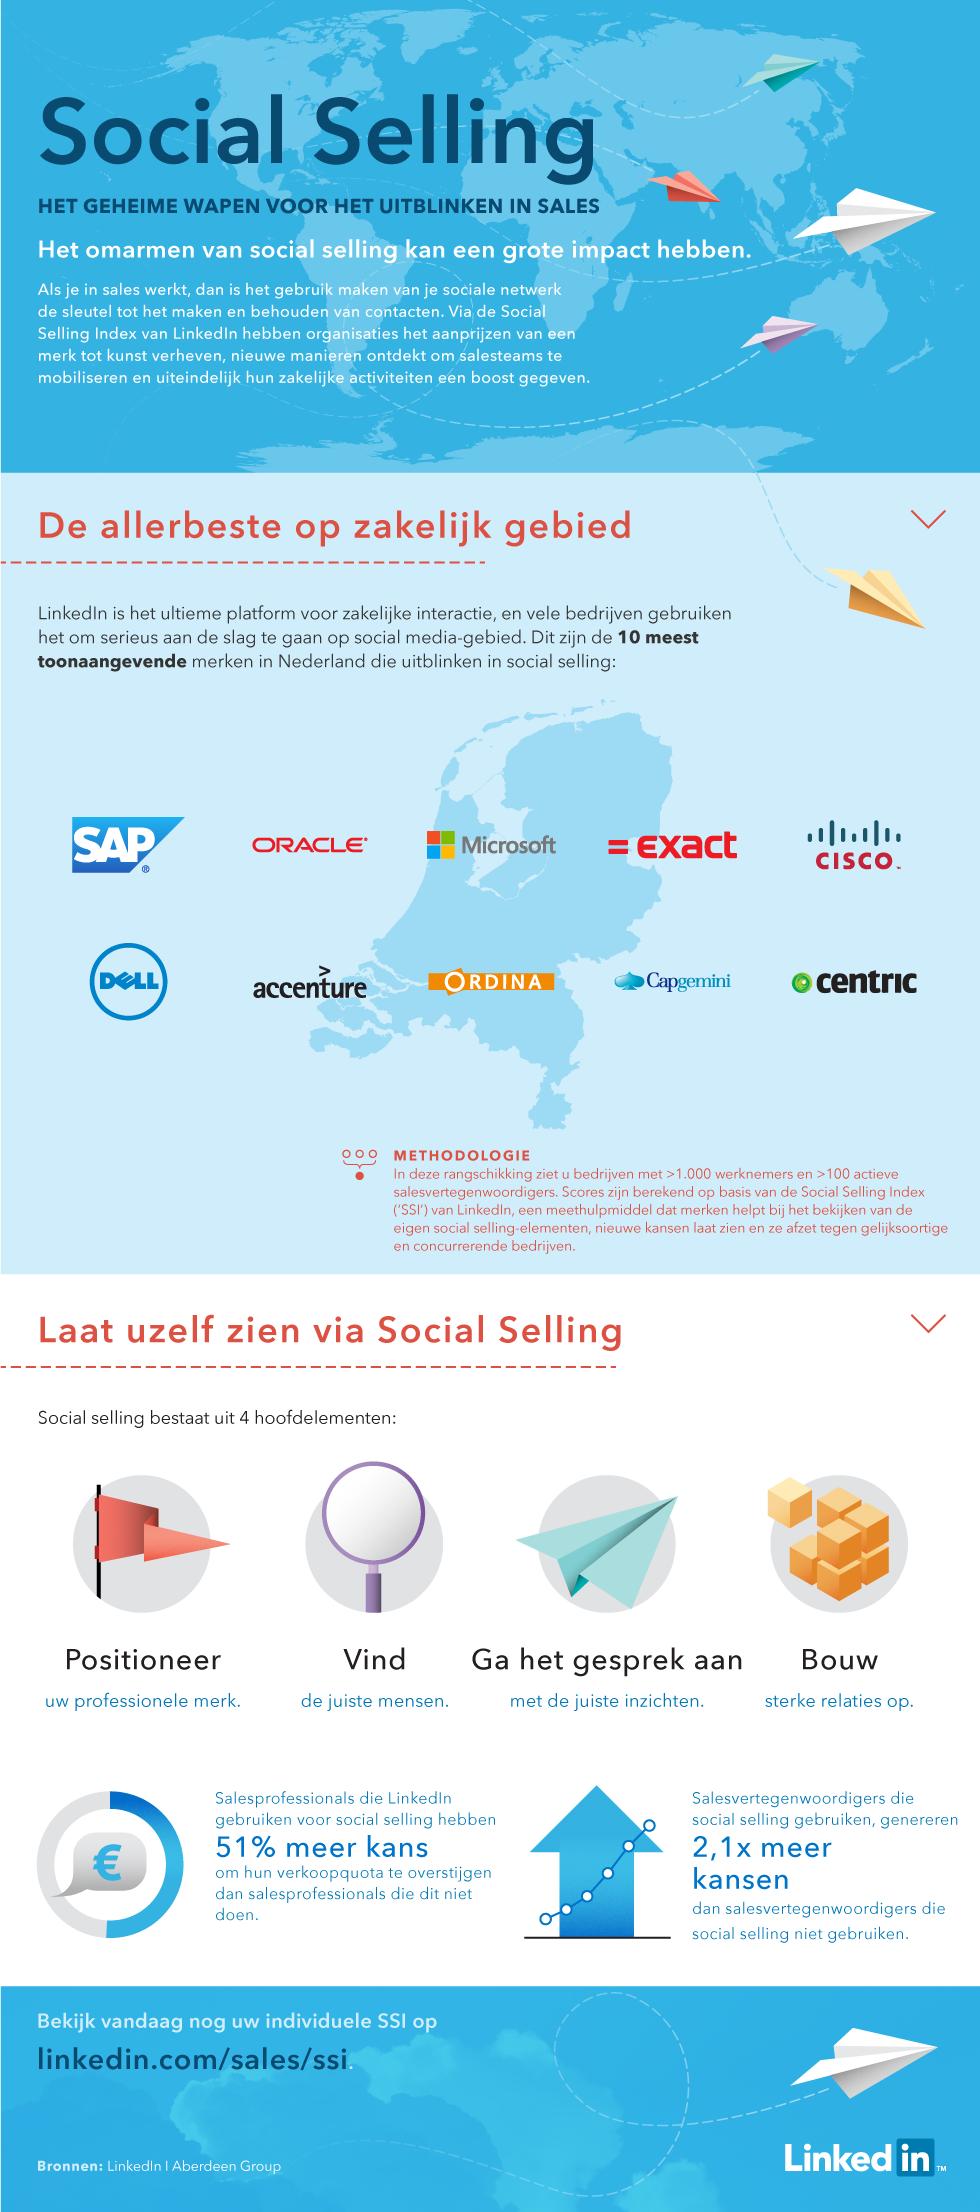 Tips voor social selling op LinkedIn